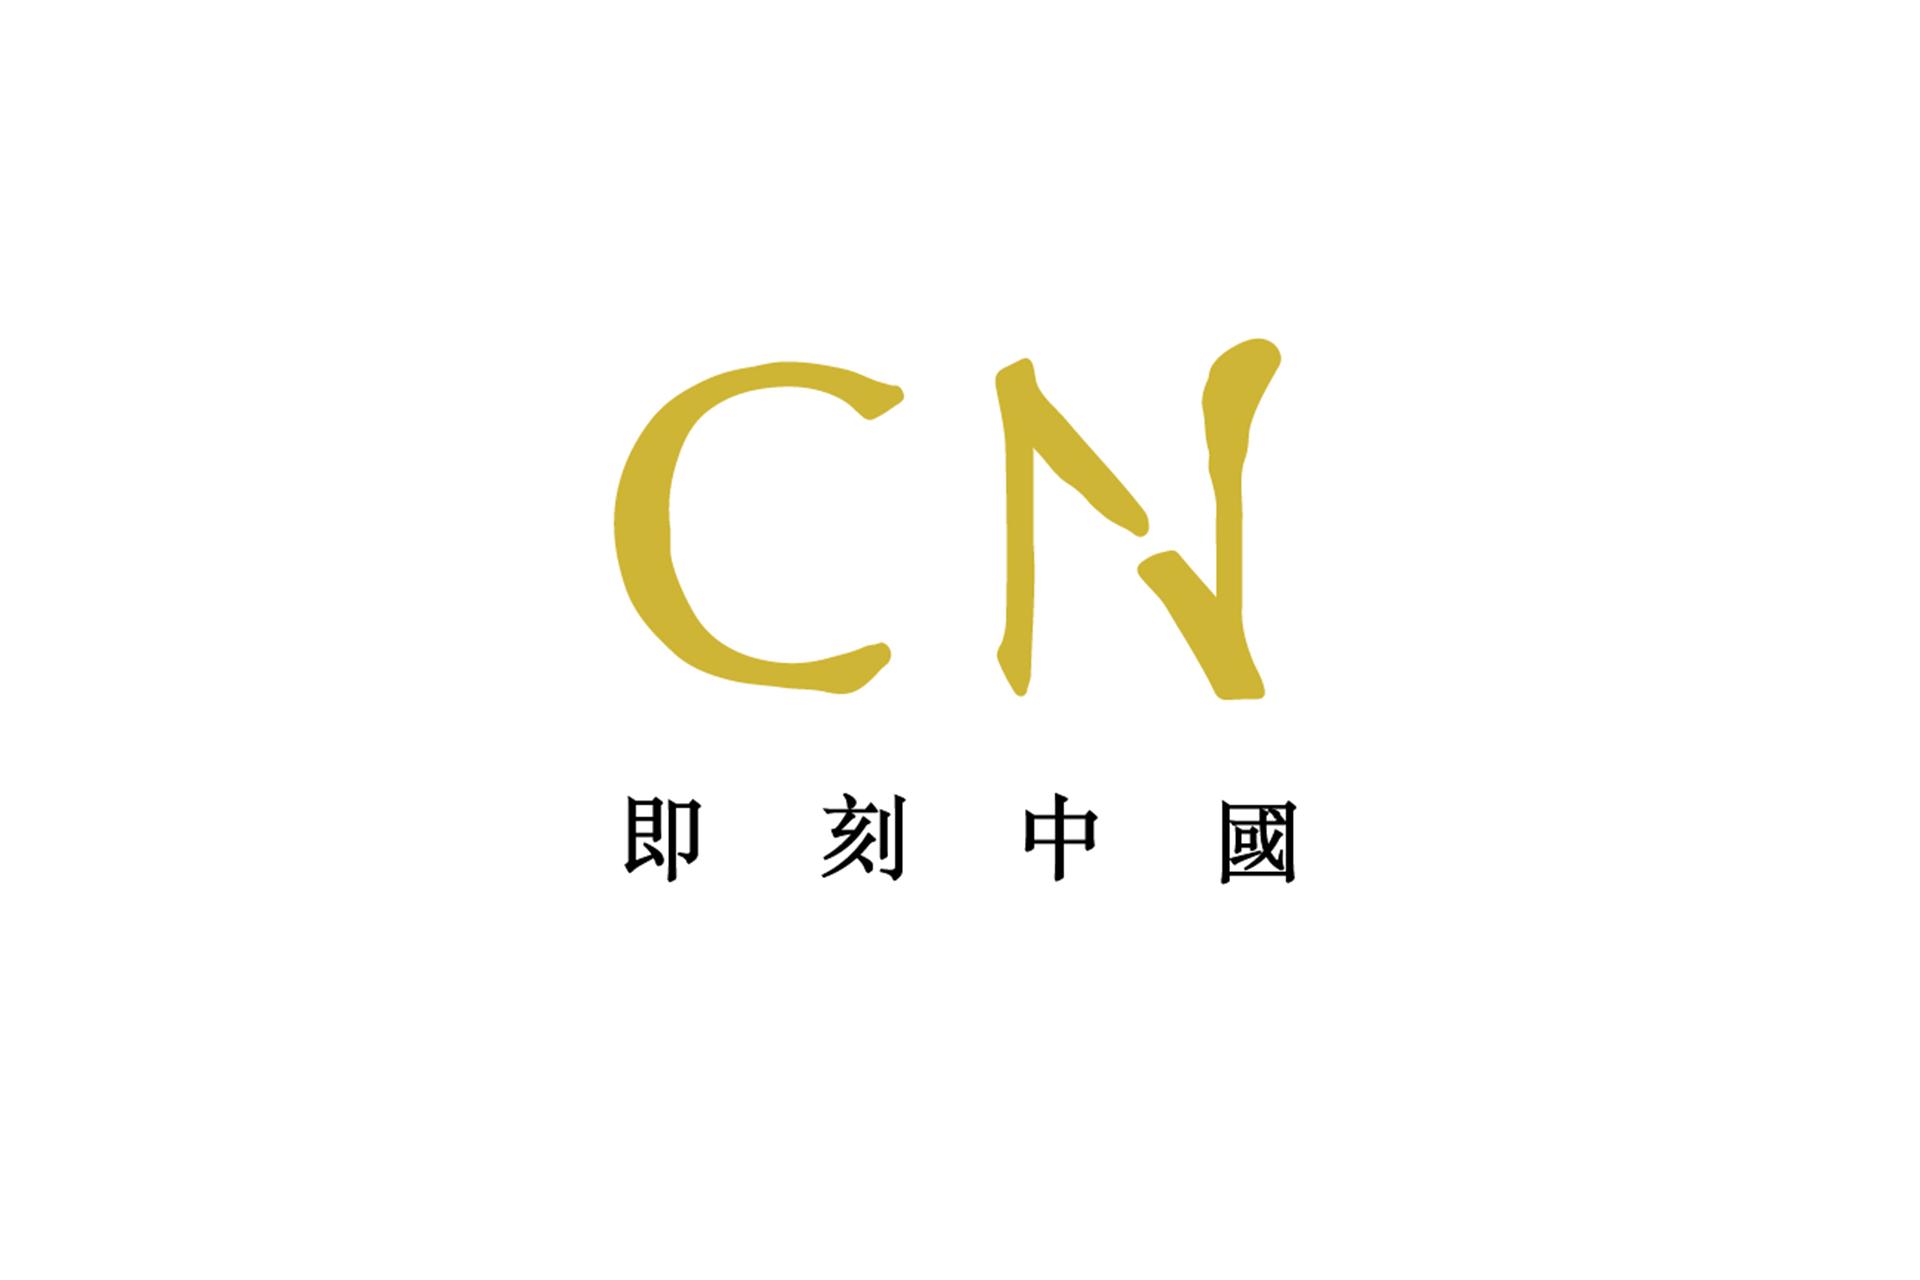 chinanow_01.jpg